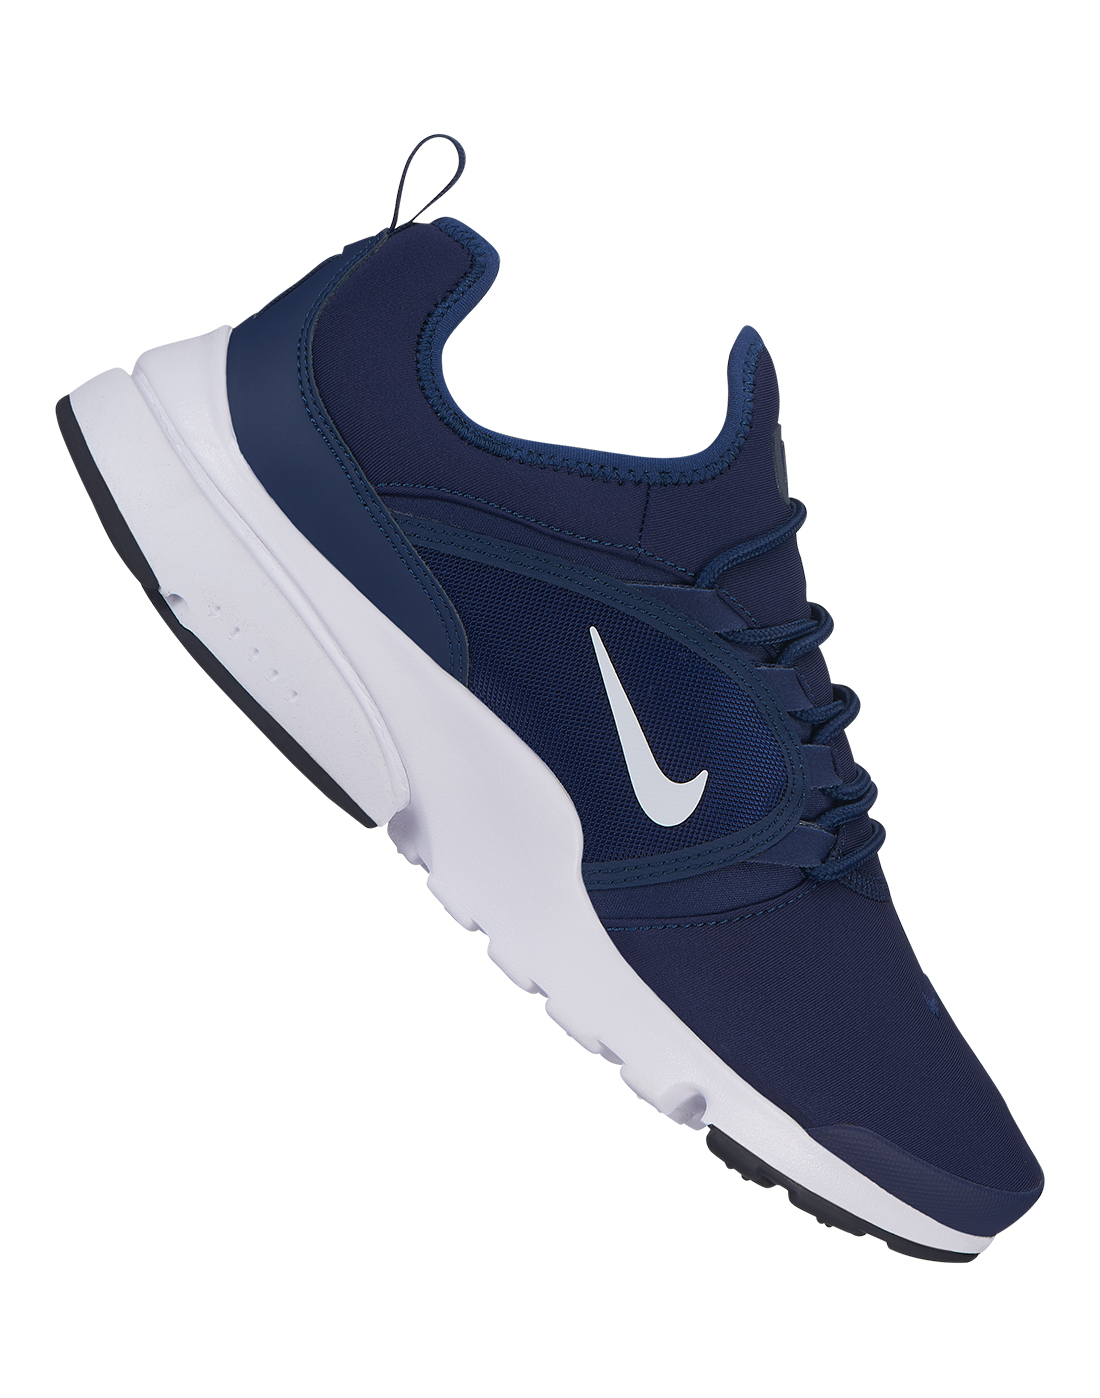 d45bbefef70d0 Nike Mens Presto Fly World